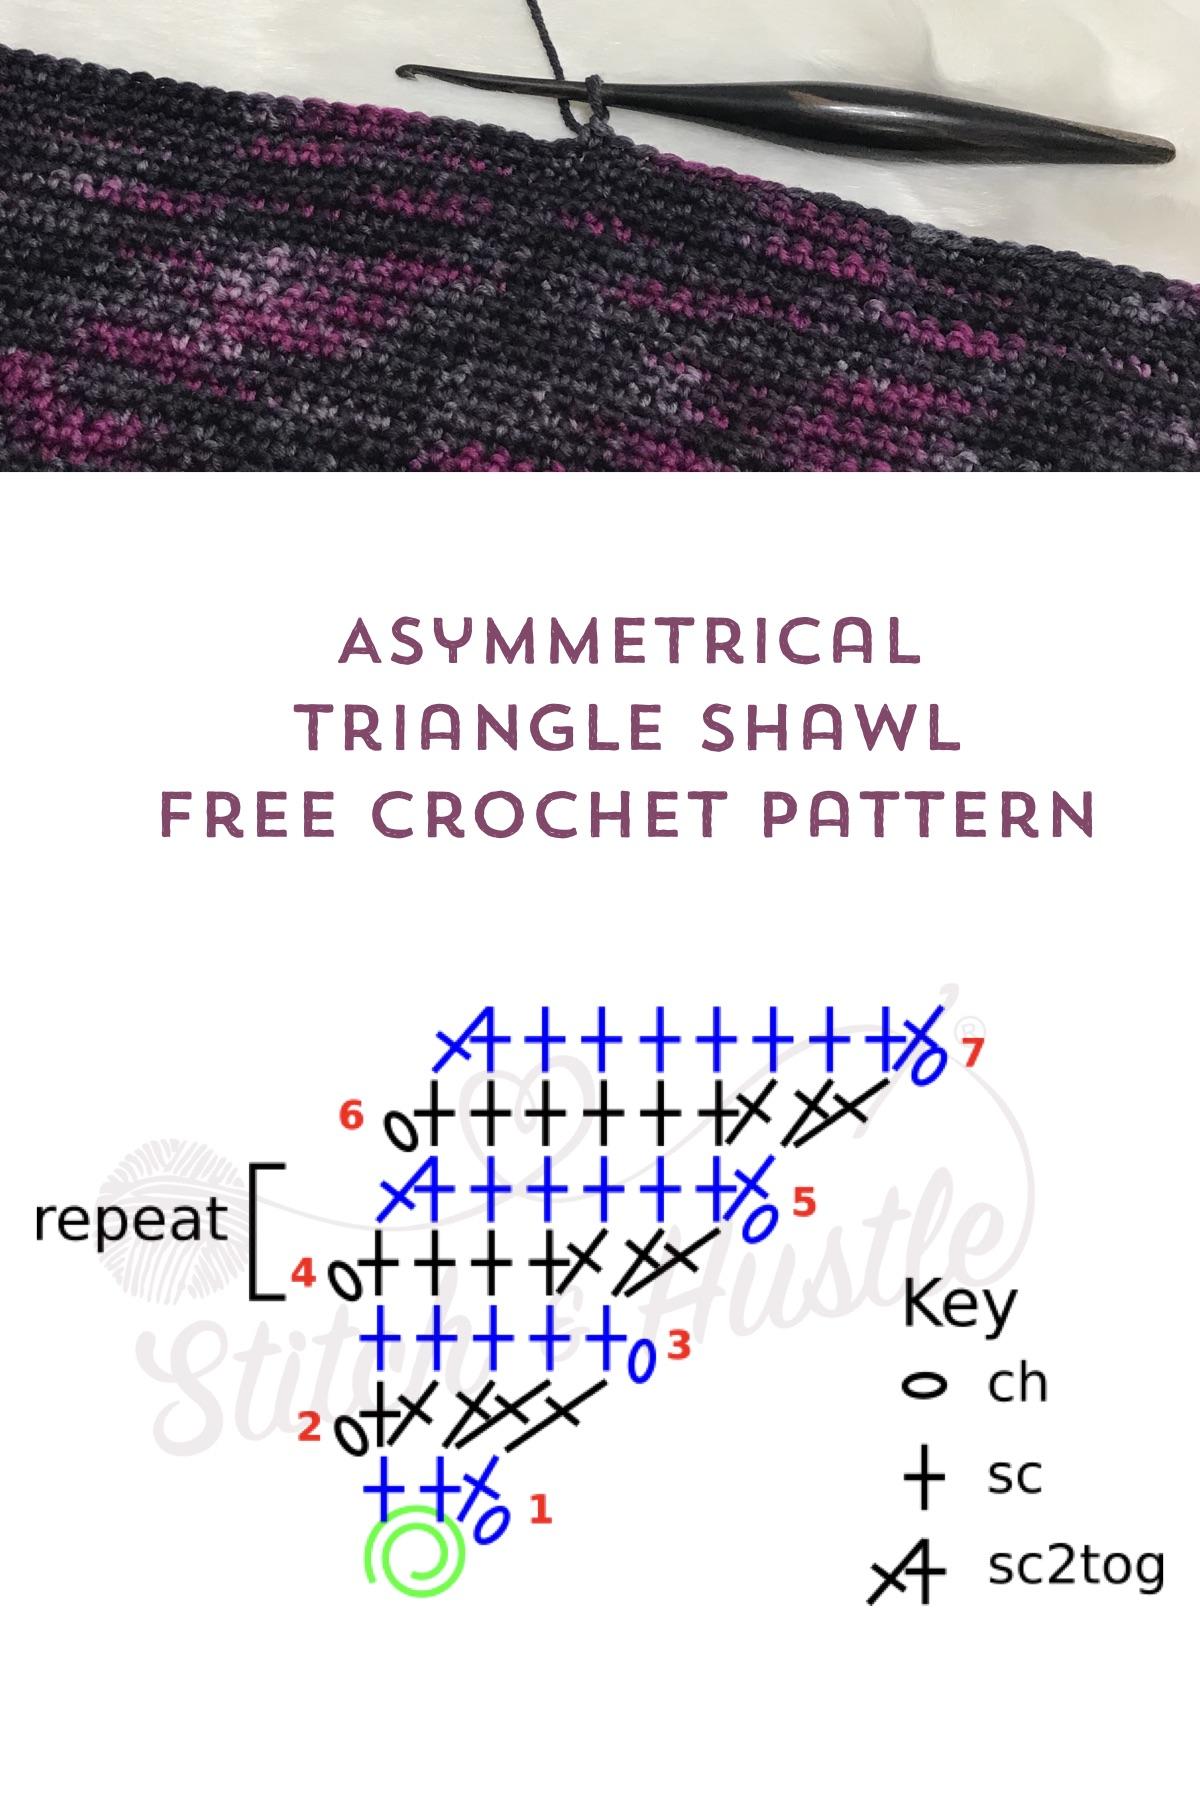 asymmetrical_trinagle_shawl_free-crochet-pattern_5.jpg